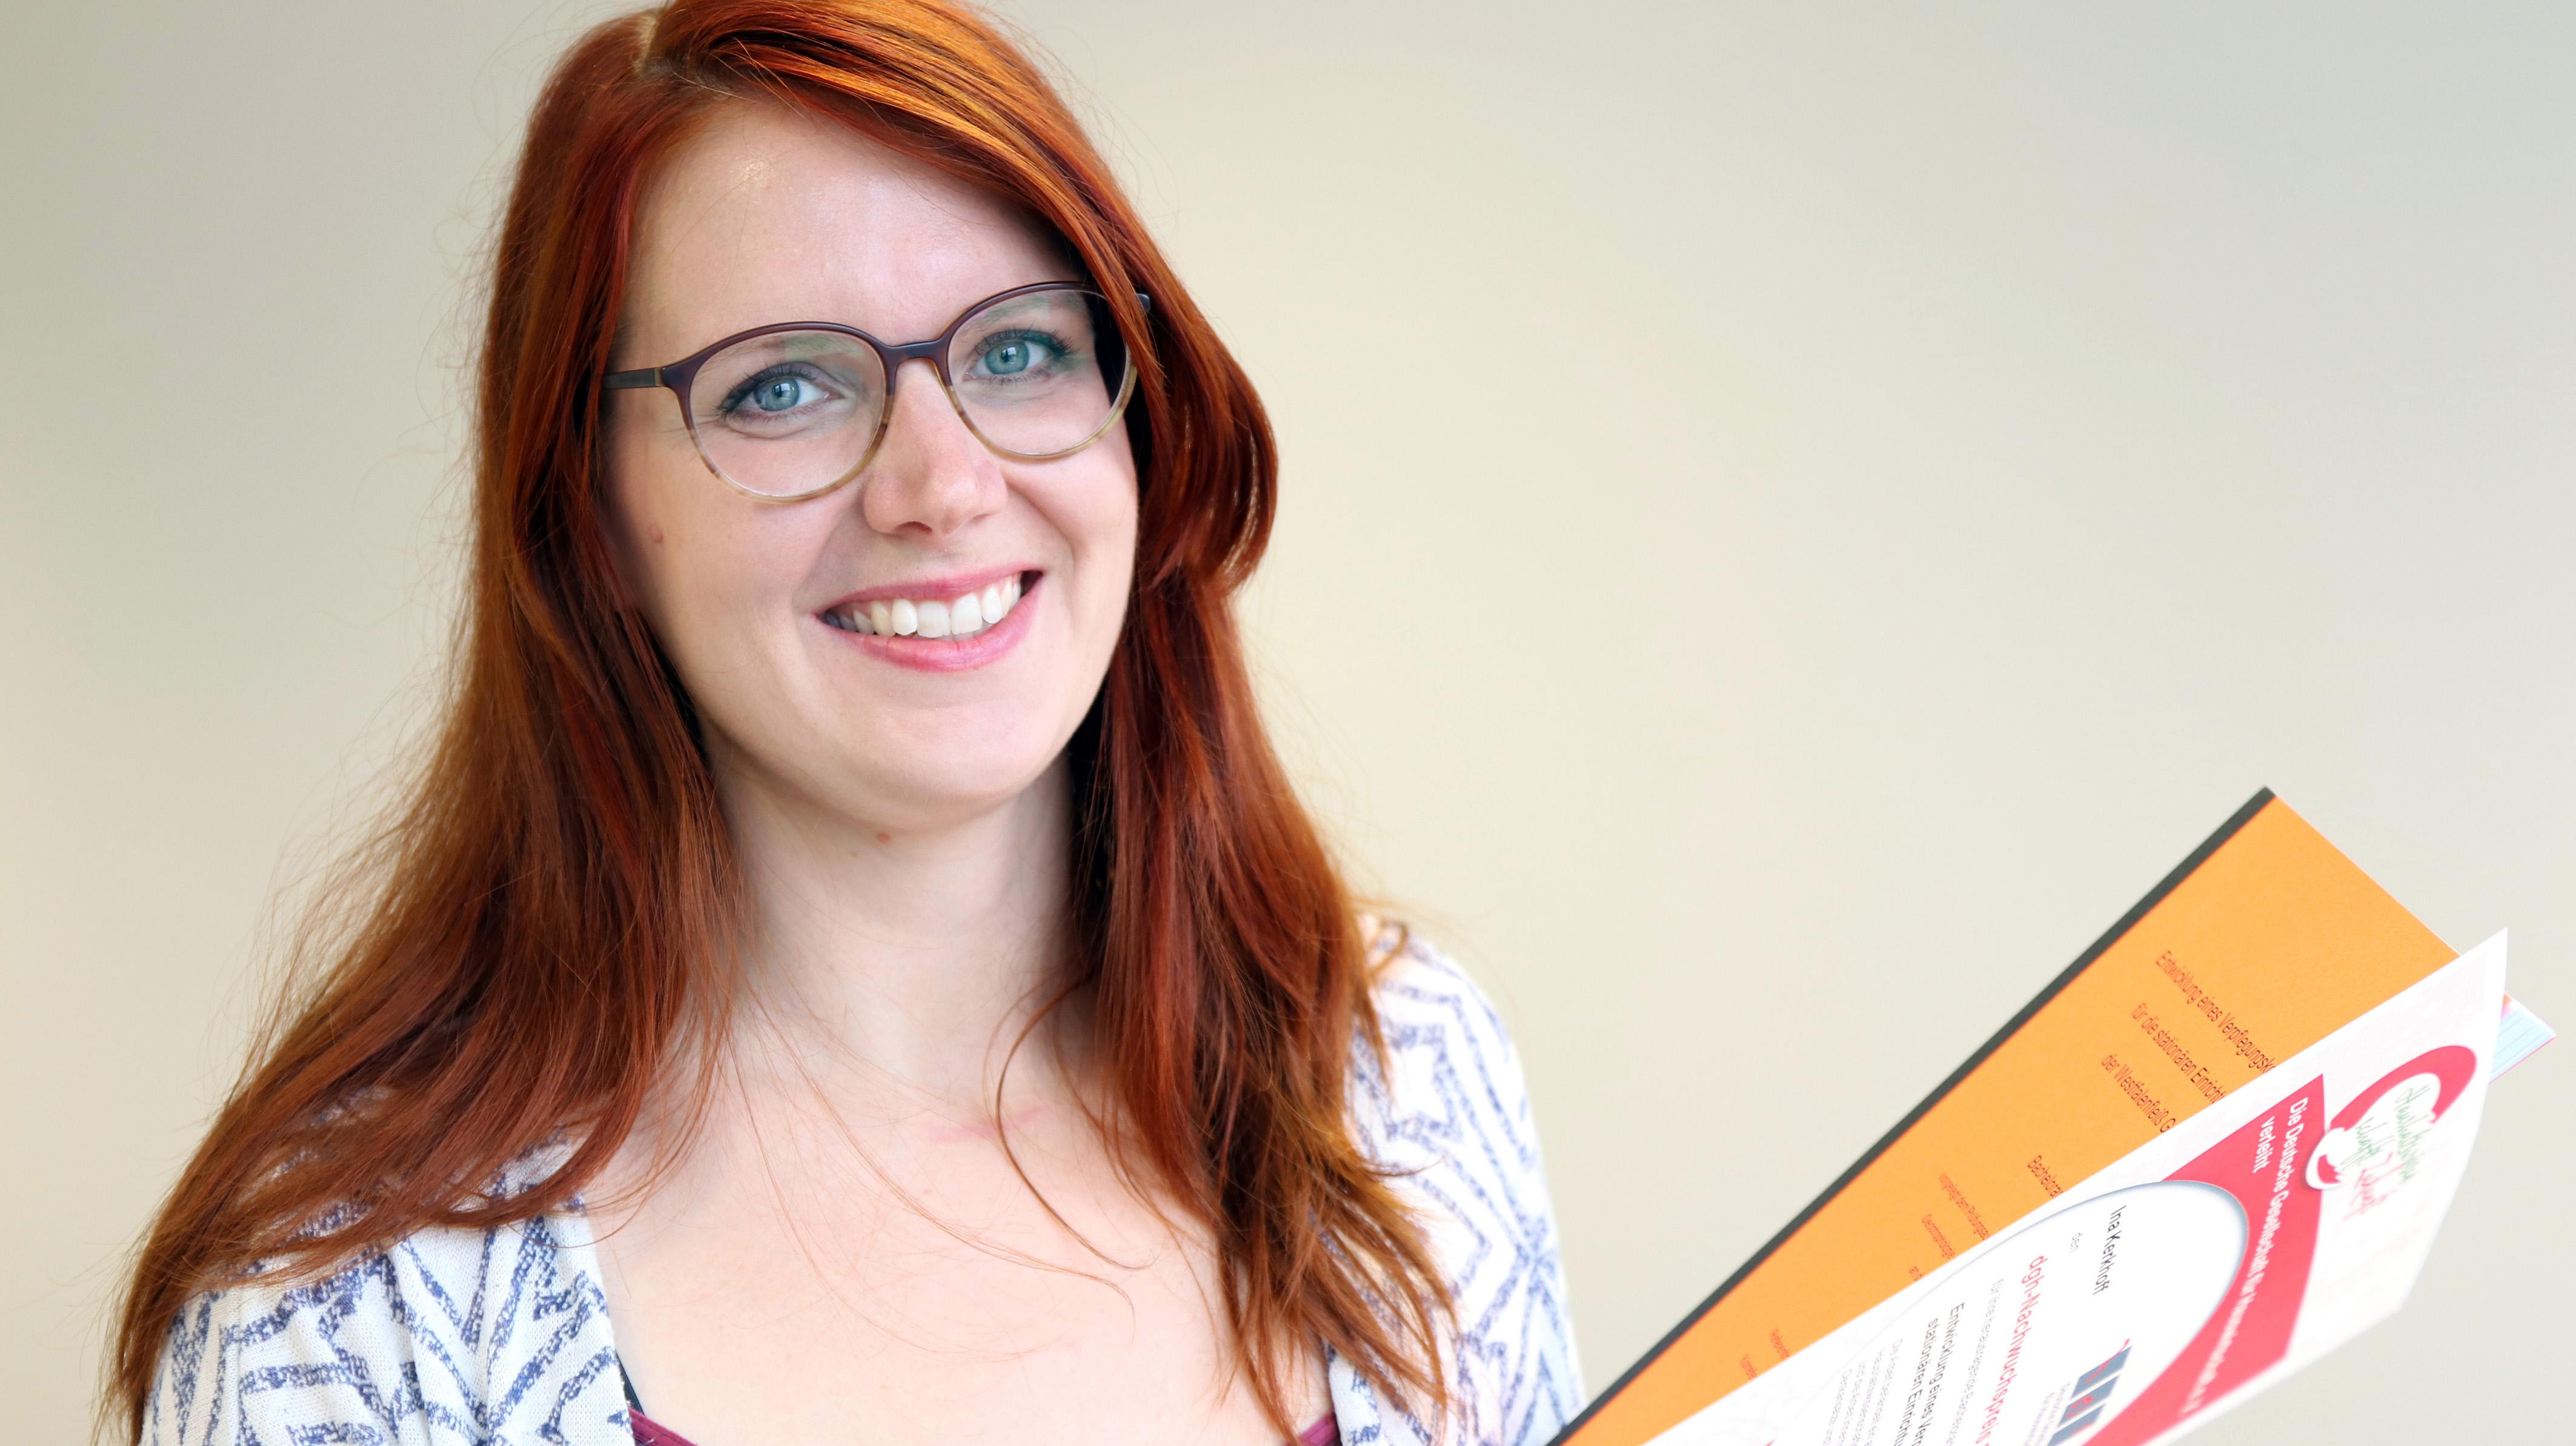 Die Studentin Ina Kerkhoff hält ihre Bachelorarbeit und eine Urkunde in der Hand.